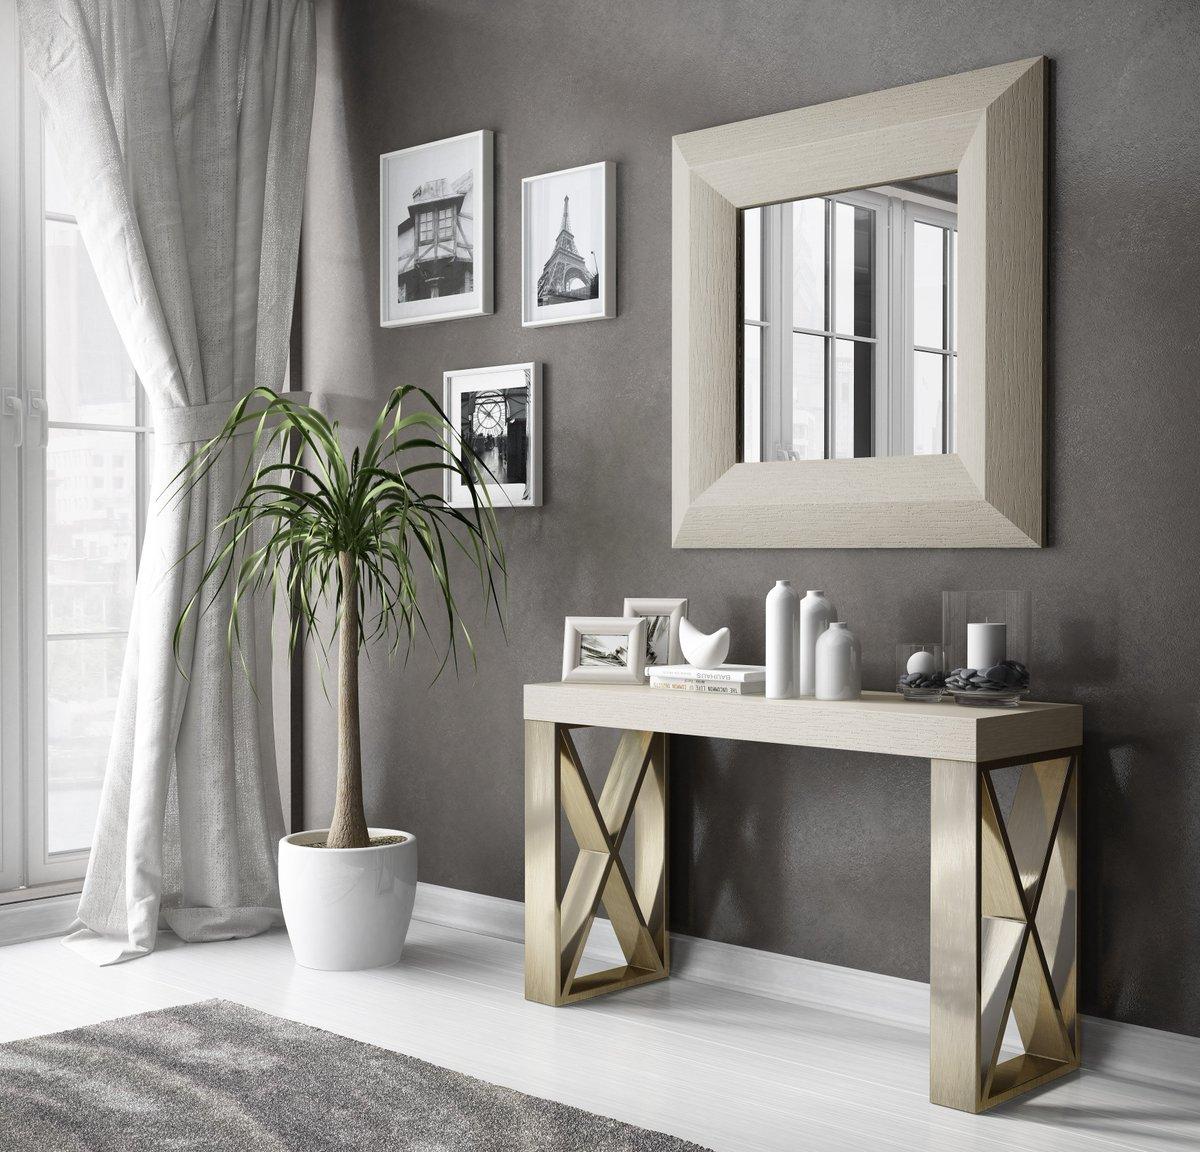 Muebles mia lucena obtenga ideas dise o de muebles para su hogar aqu - Fabricas de muebles en lucena ...